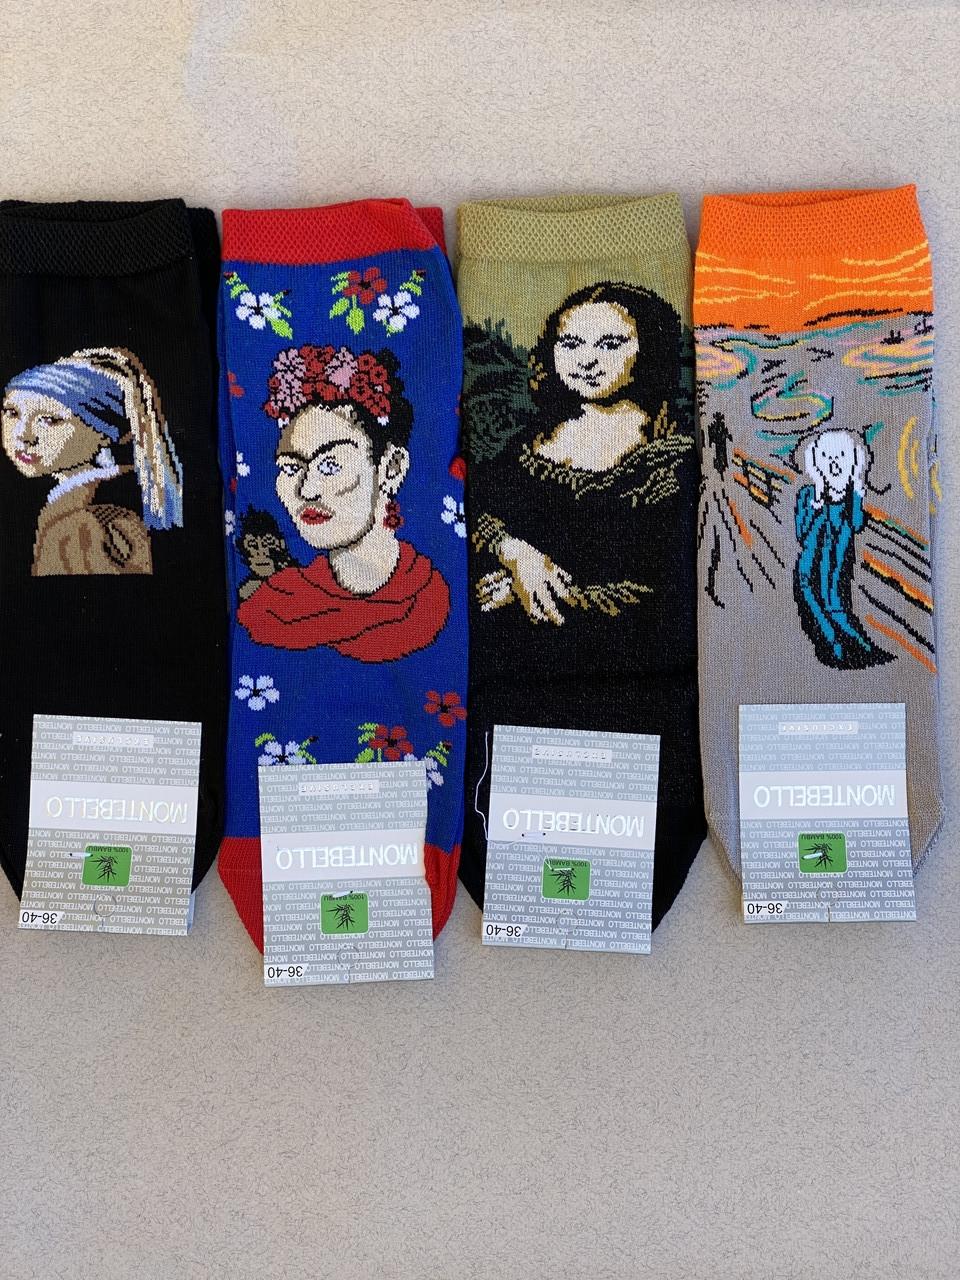 Стрейчеві жіночі носки шкарпетки Montebello з картинами Леонардо Да Вінчі Мона Ліза 36-40 12 шт в уп